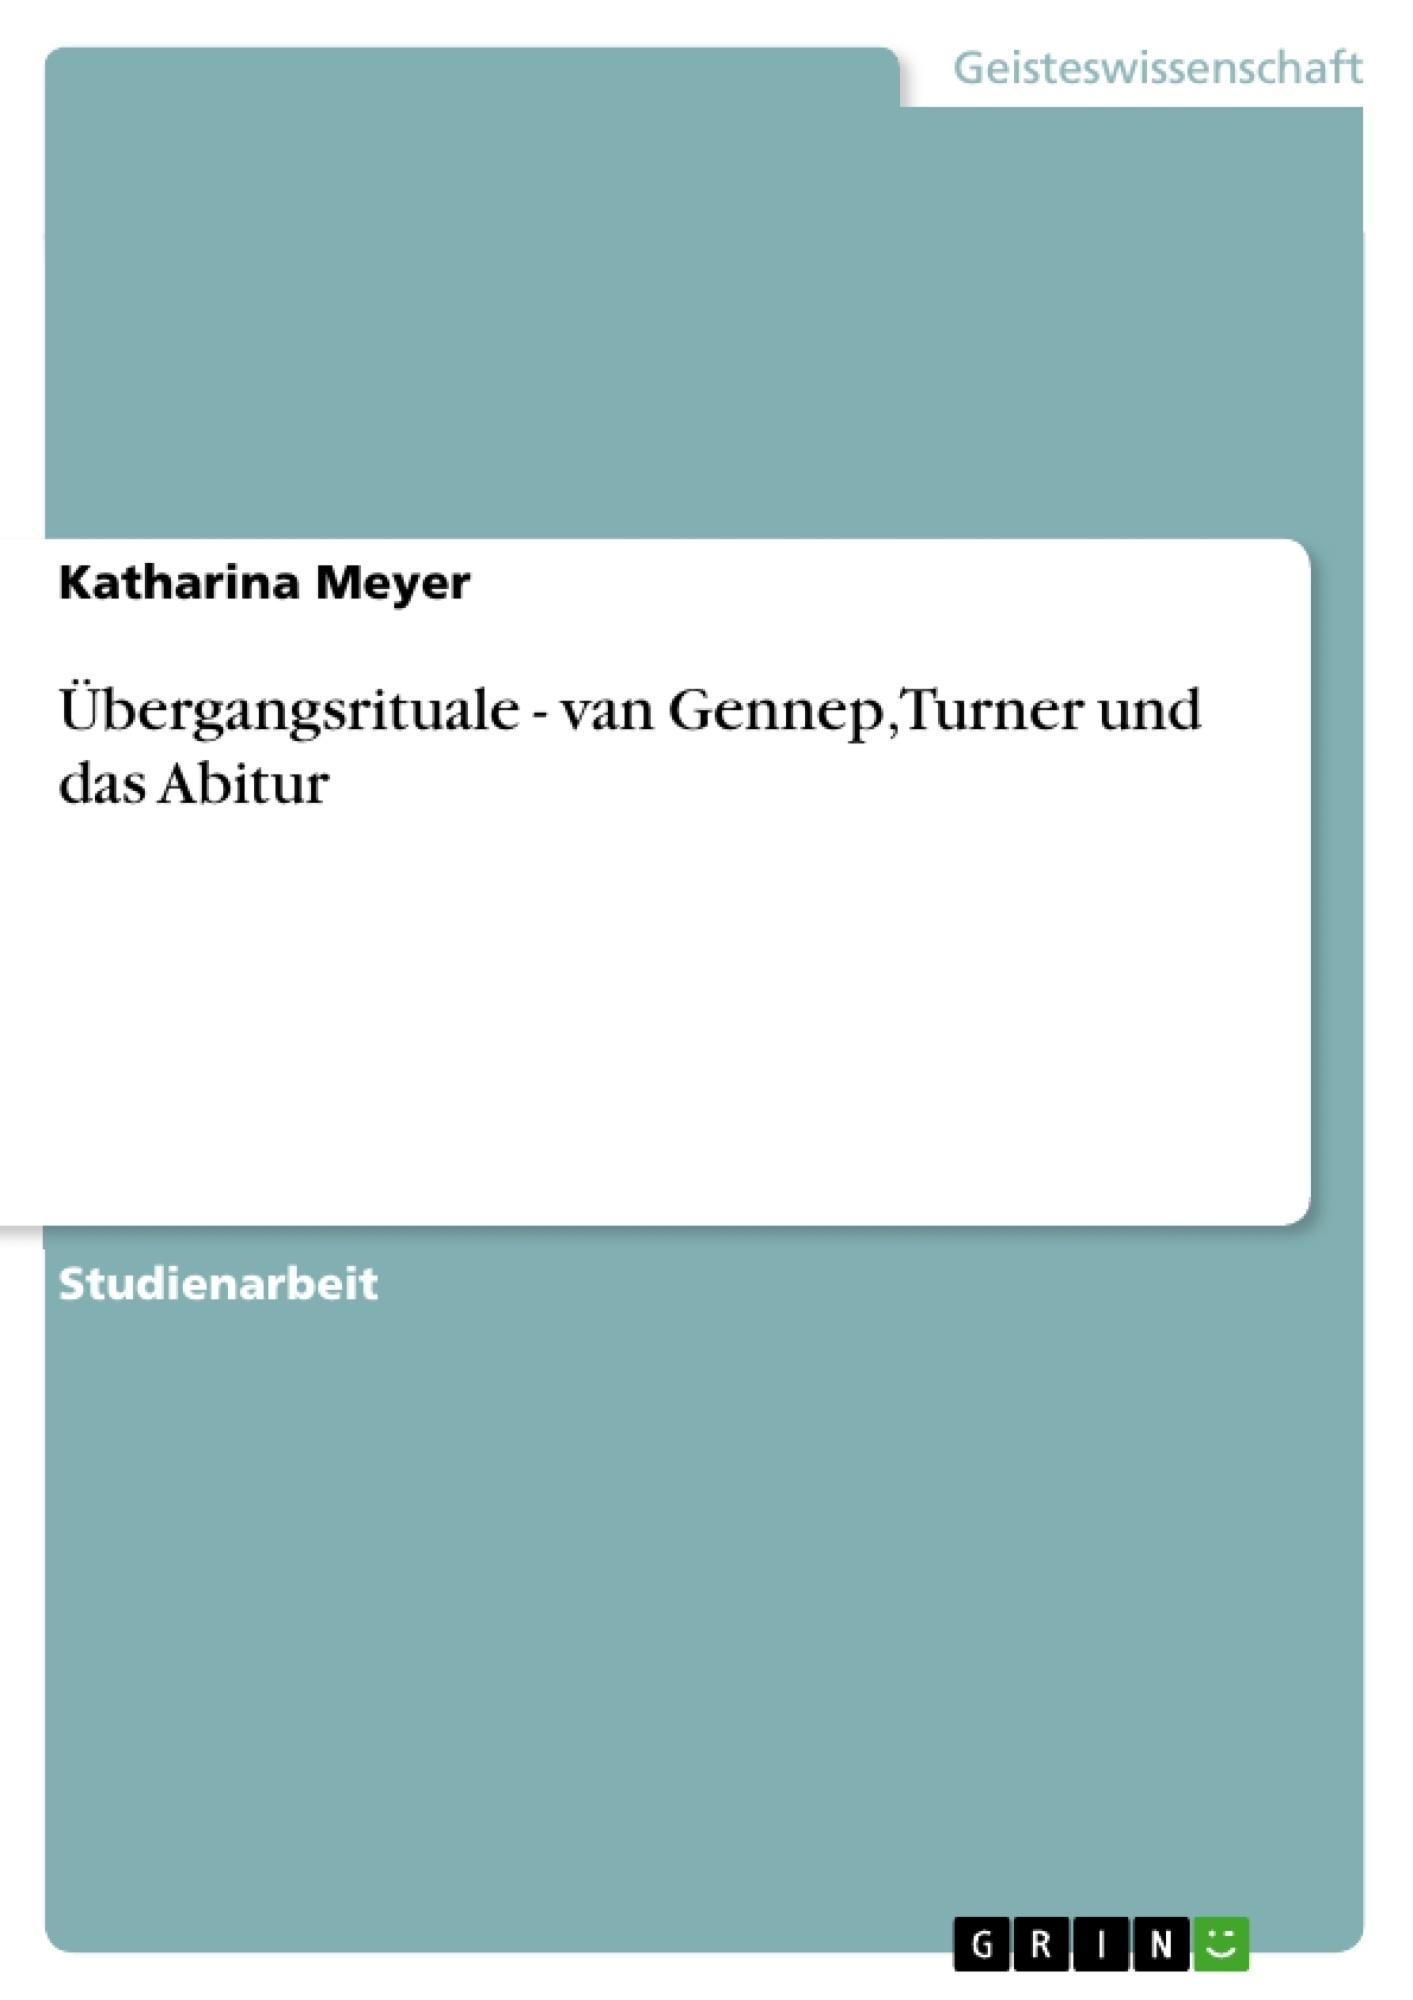 Titel: Übergangsrituale - van Gennep, Turner und das Abitur